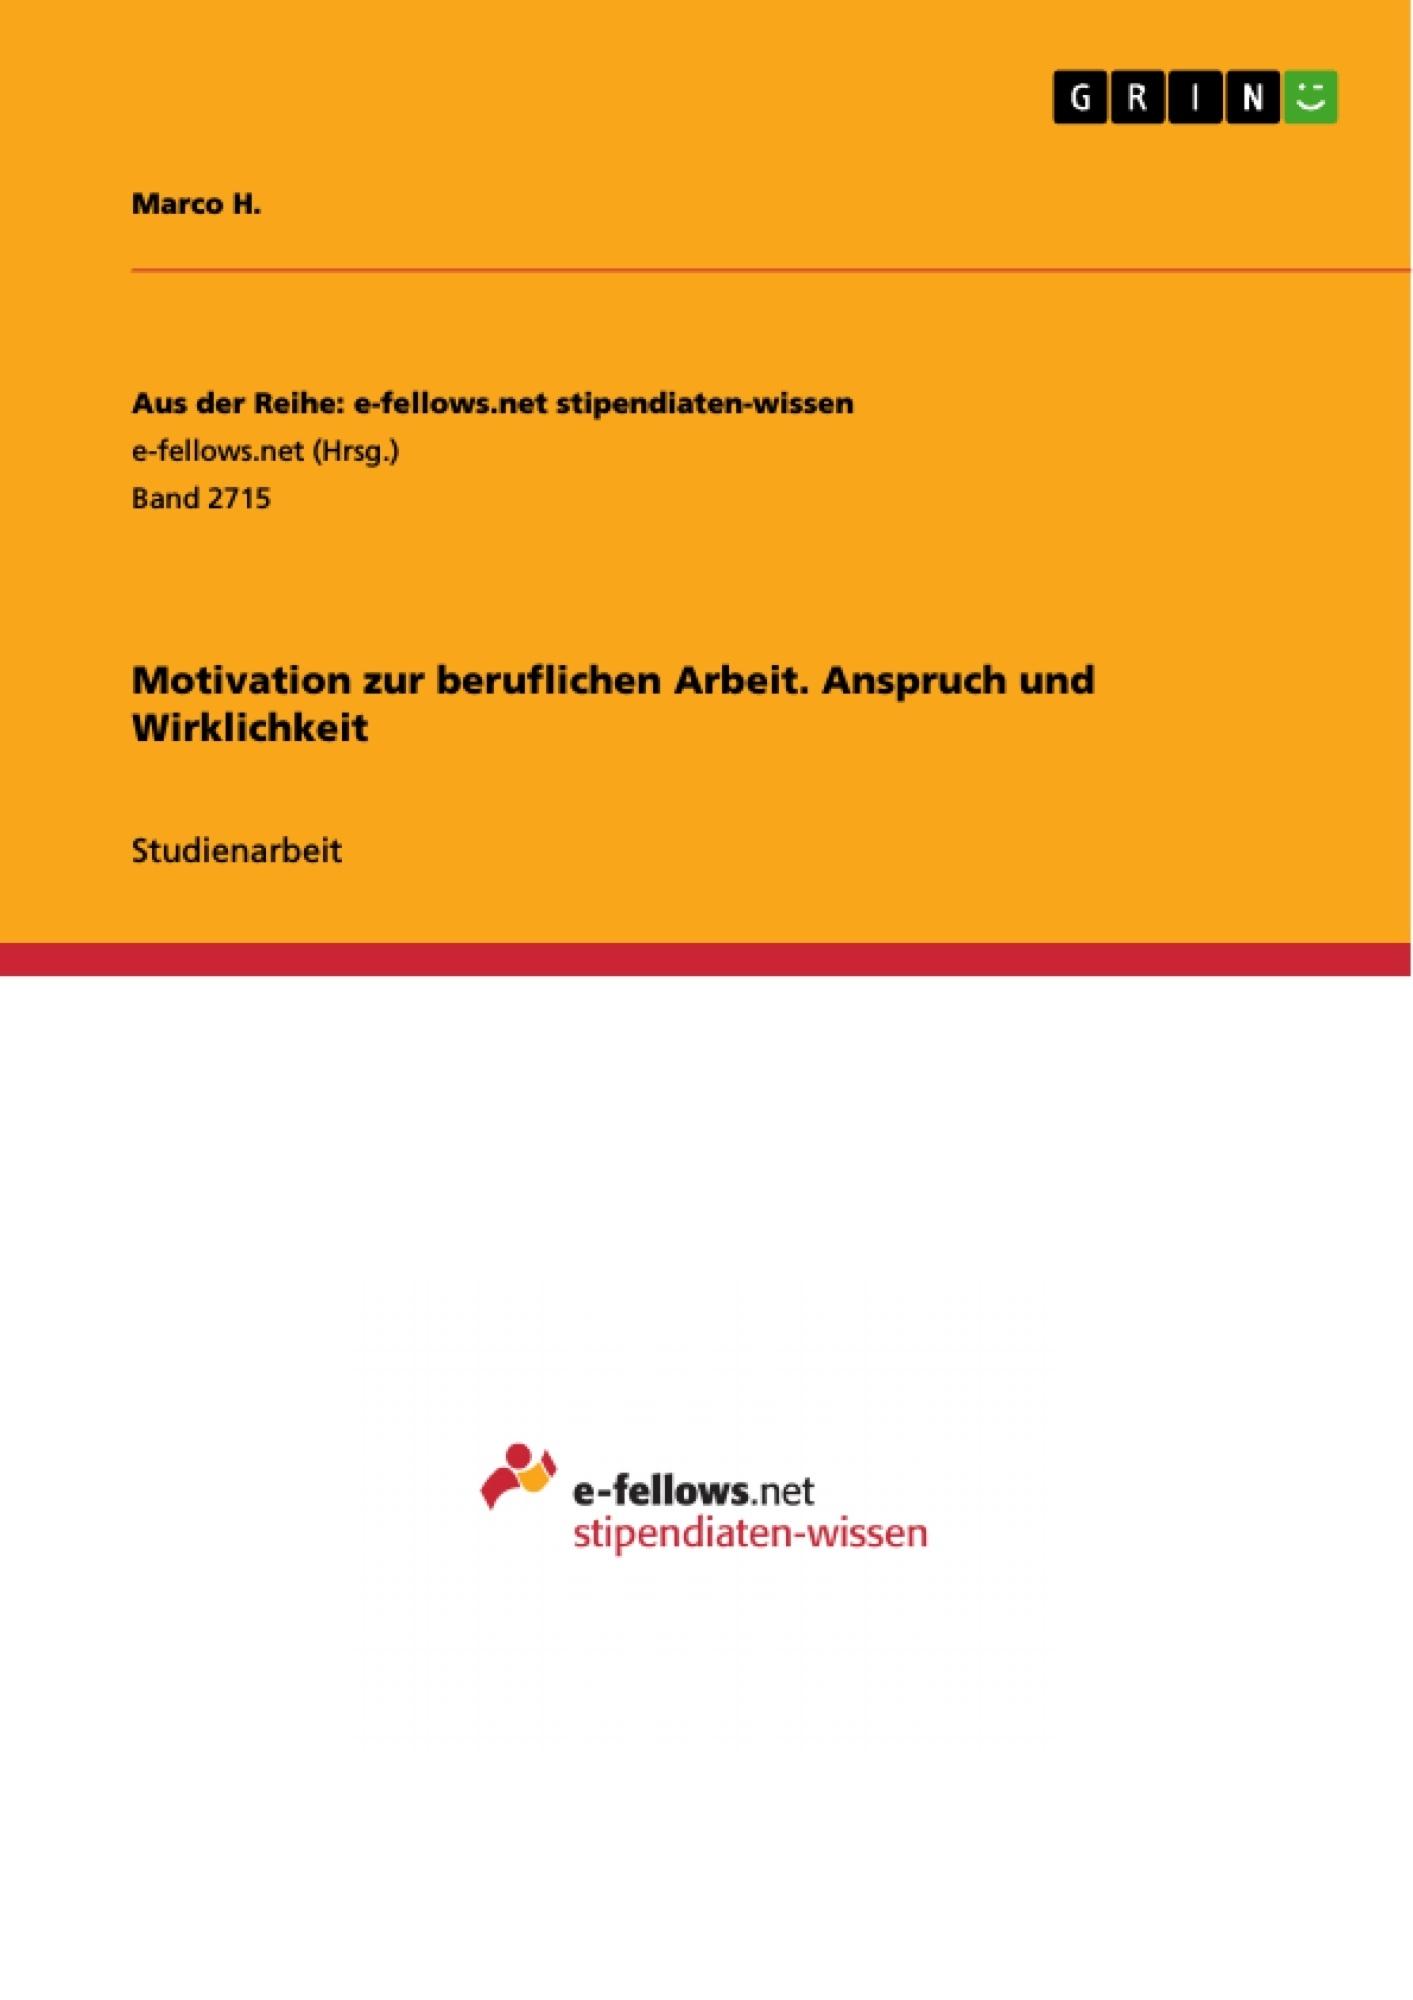 Titel: Motivation zur beruflichen Arbeit. Anspruch und Wirklichkeit